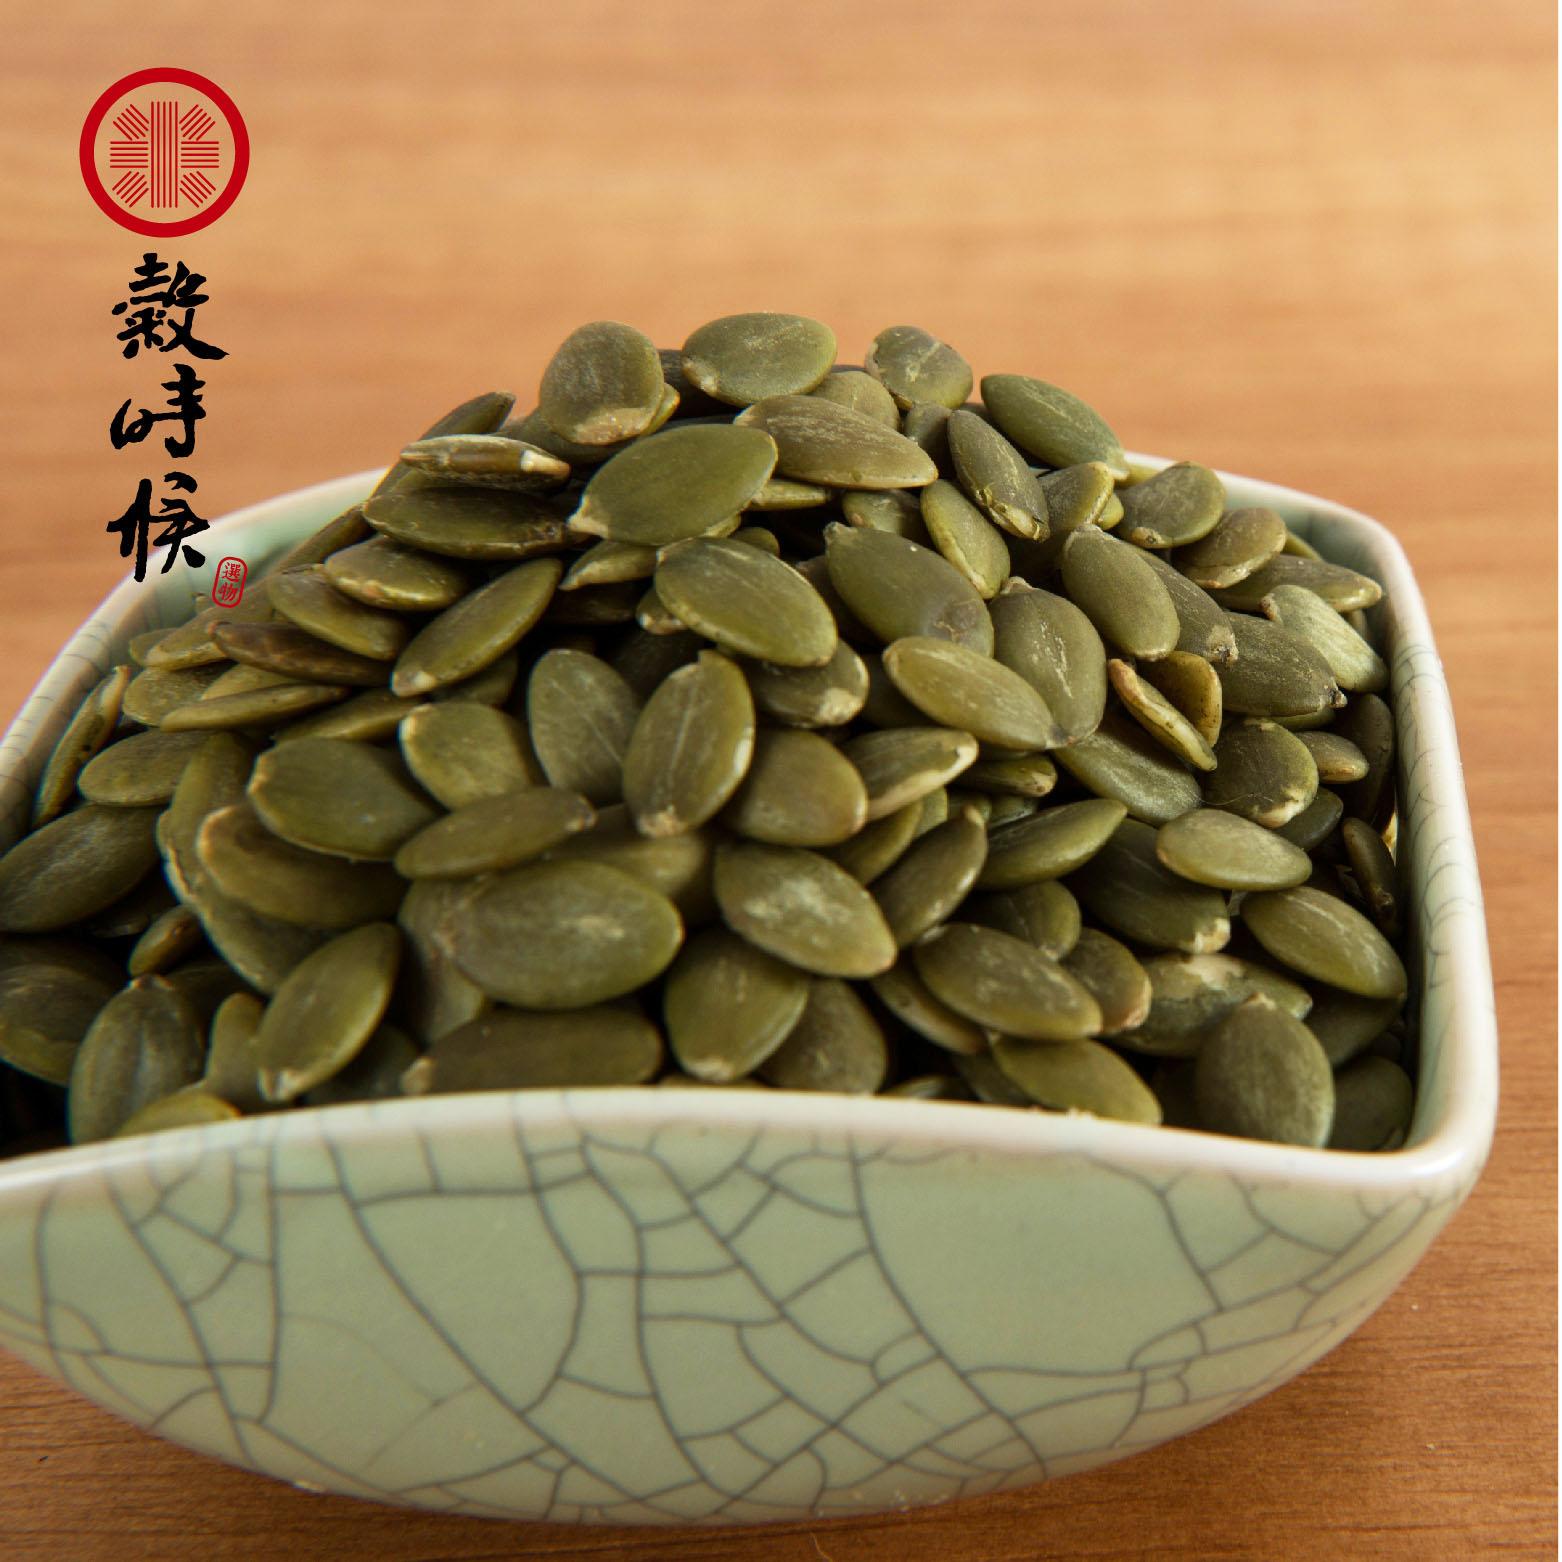 生南瓜子-600g/包 酥脆口感 嚴選品質